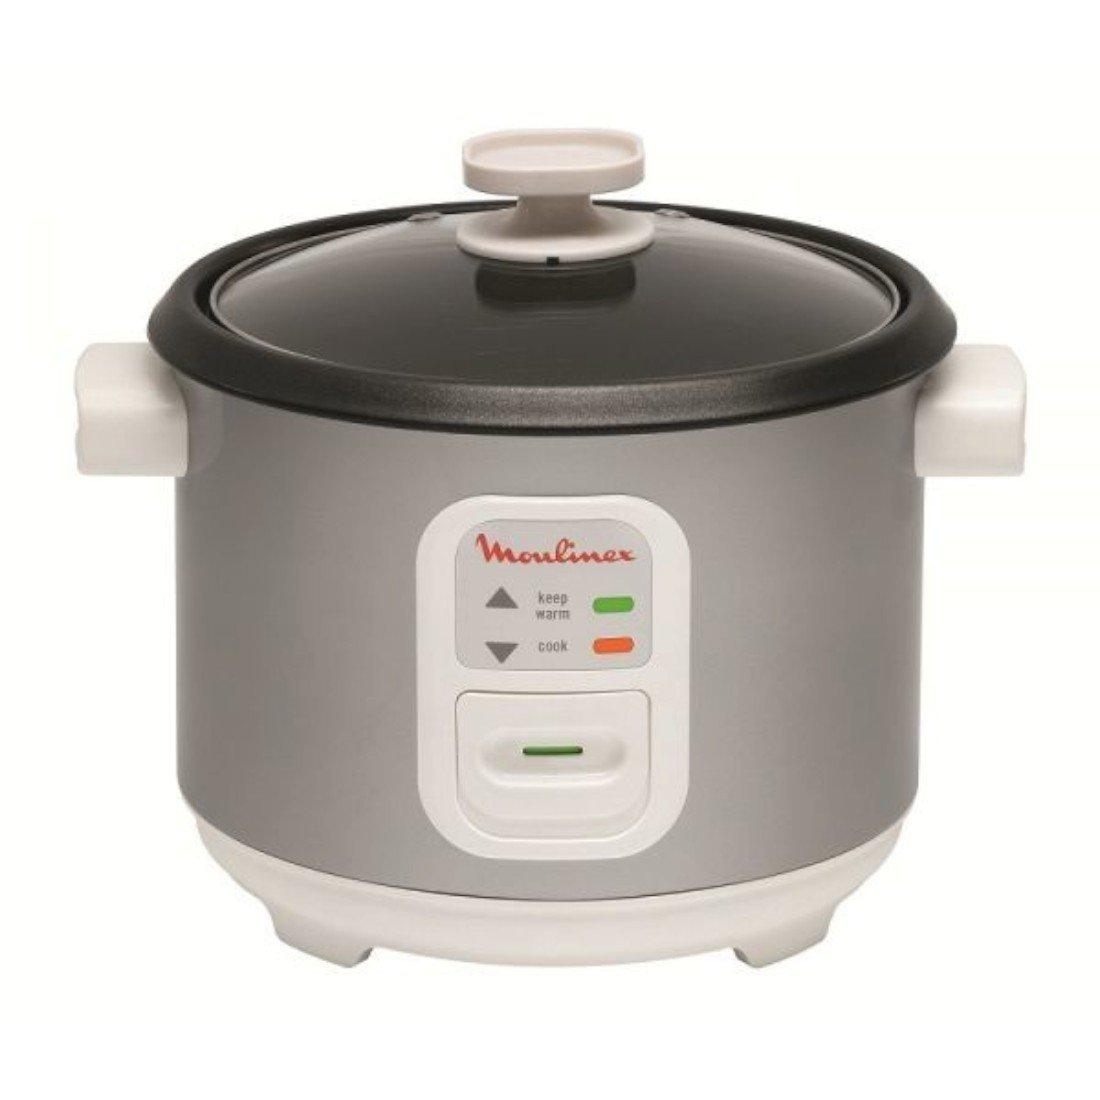 Moulinex Uno 10taglio 1.8L Rice Cooker uno 10taglio 1.8L Rice Cooker